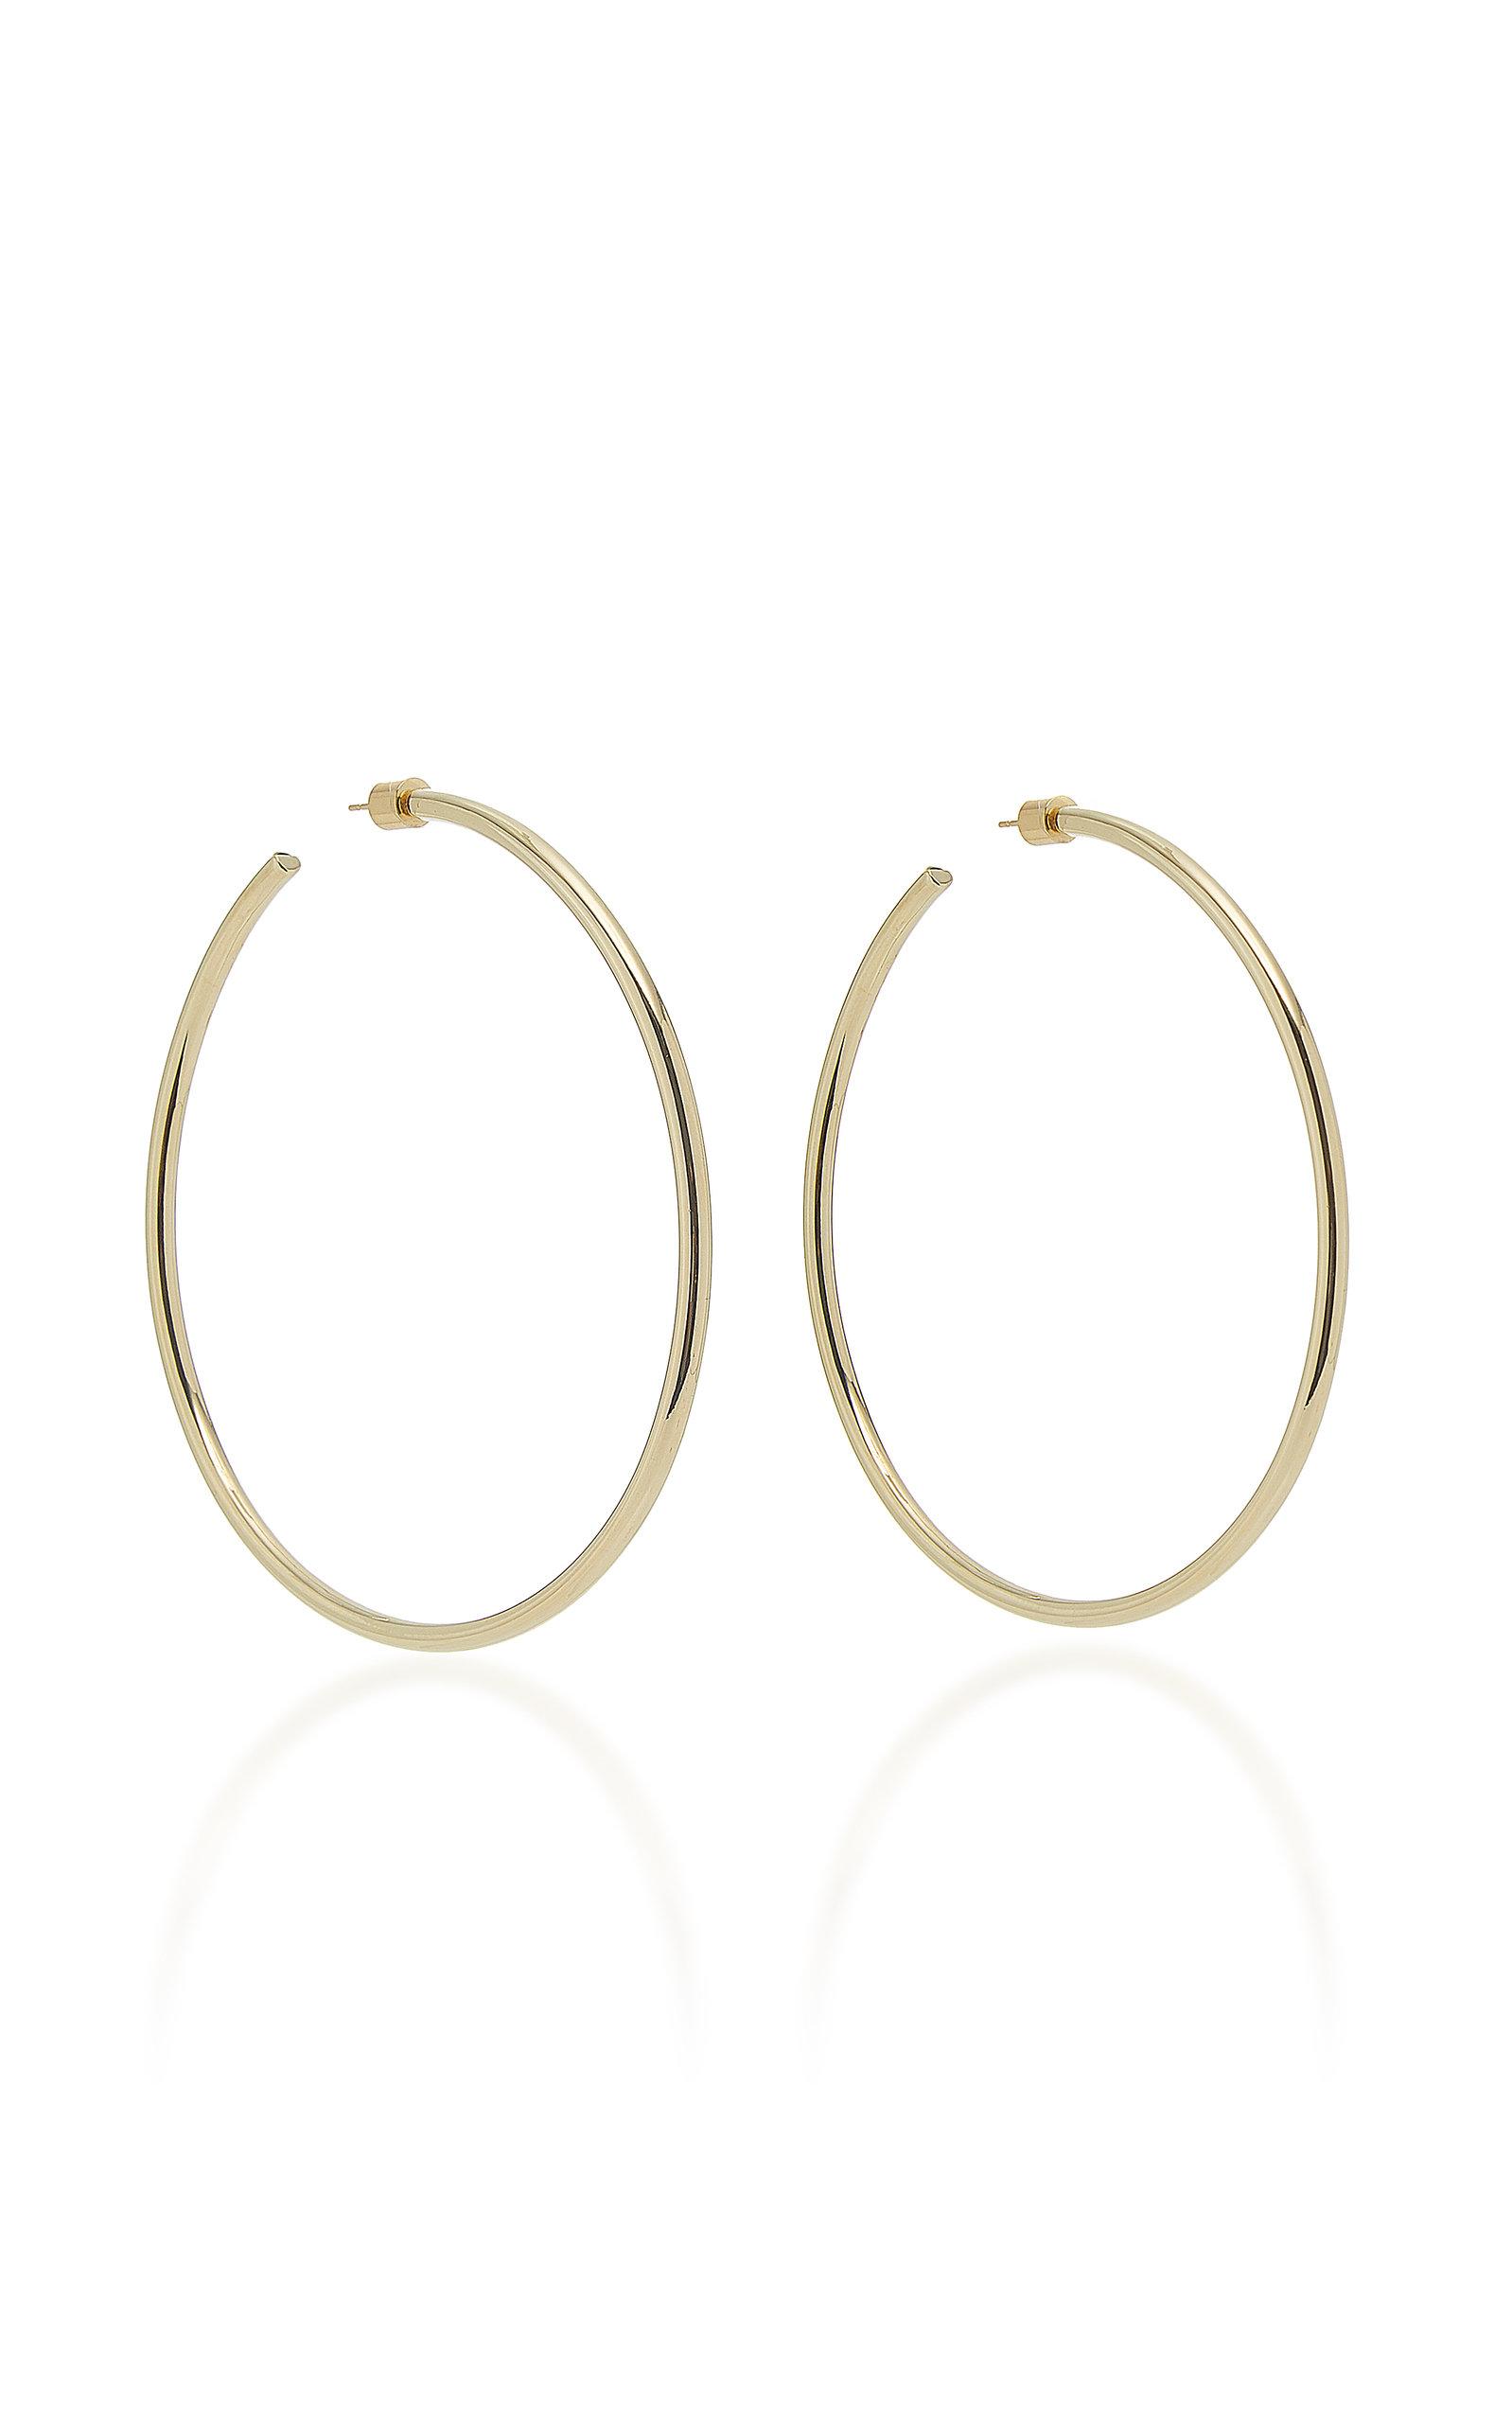 Women's Classic 14K Gold-Plated Hoop Earrings